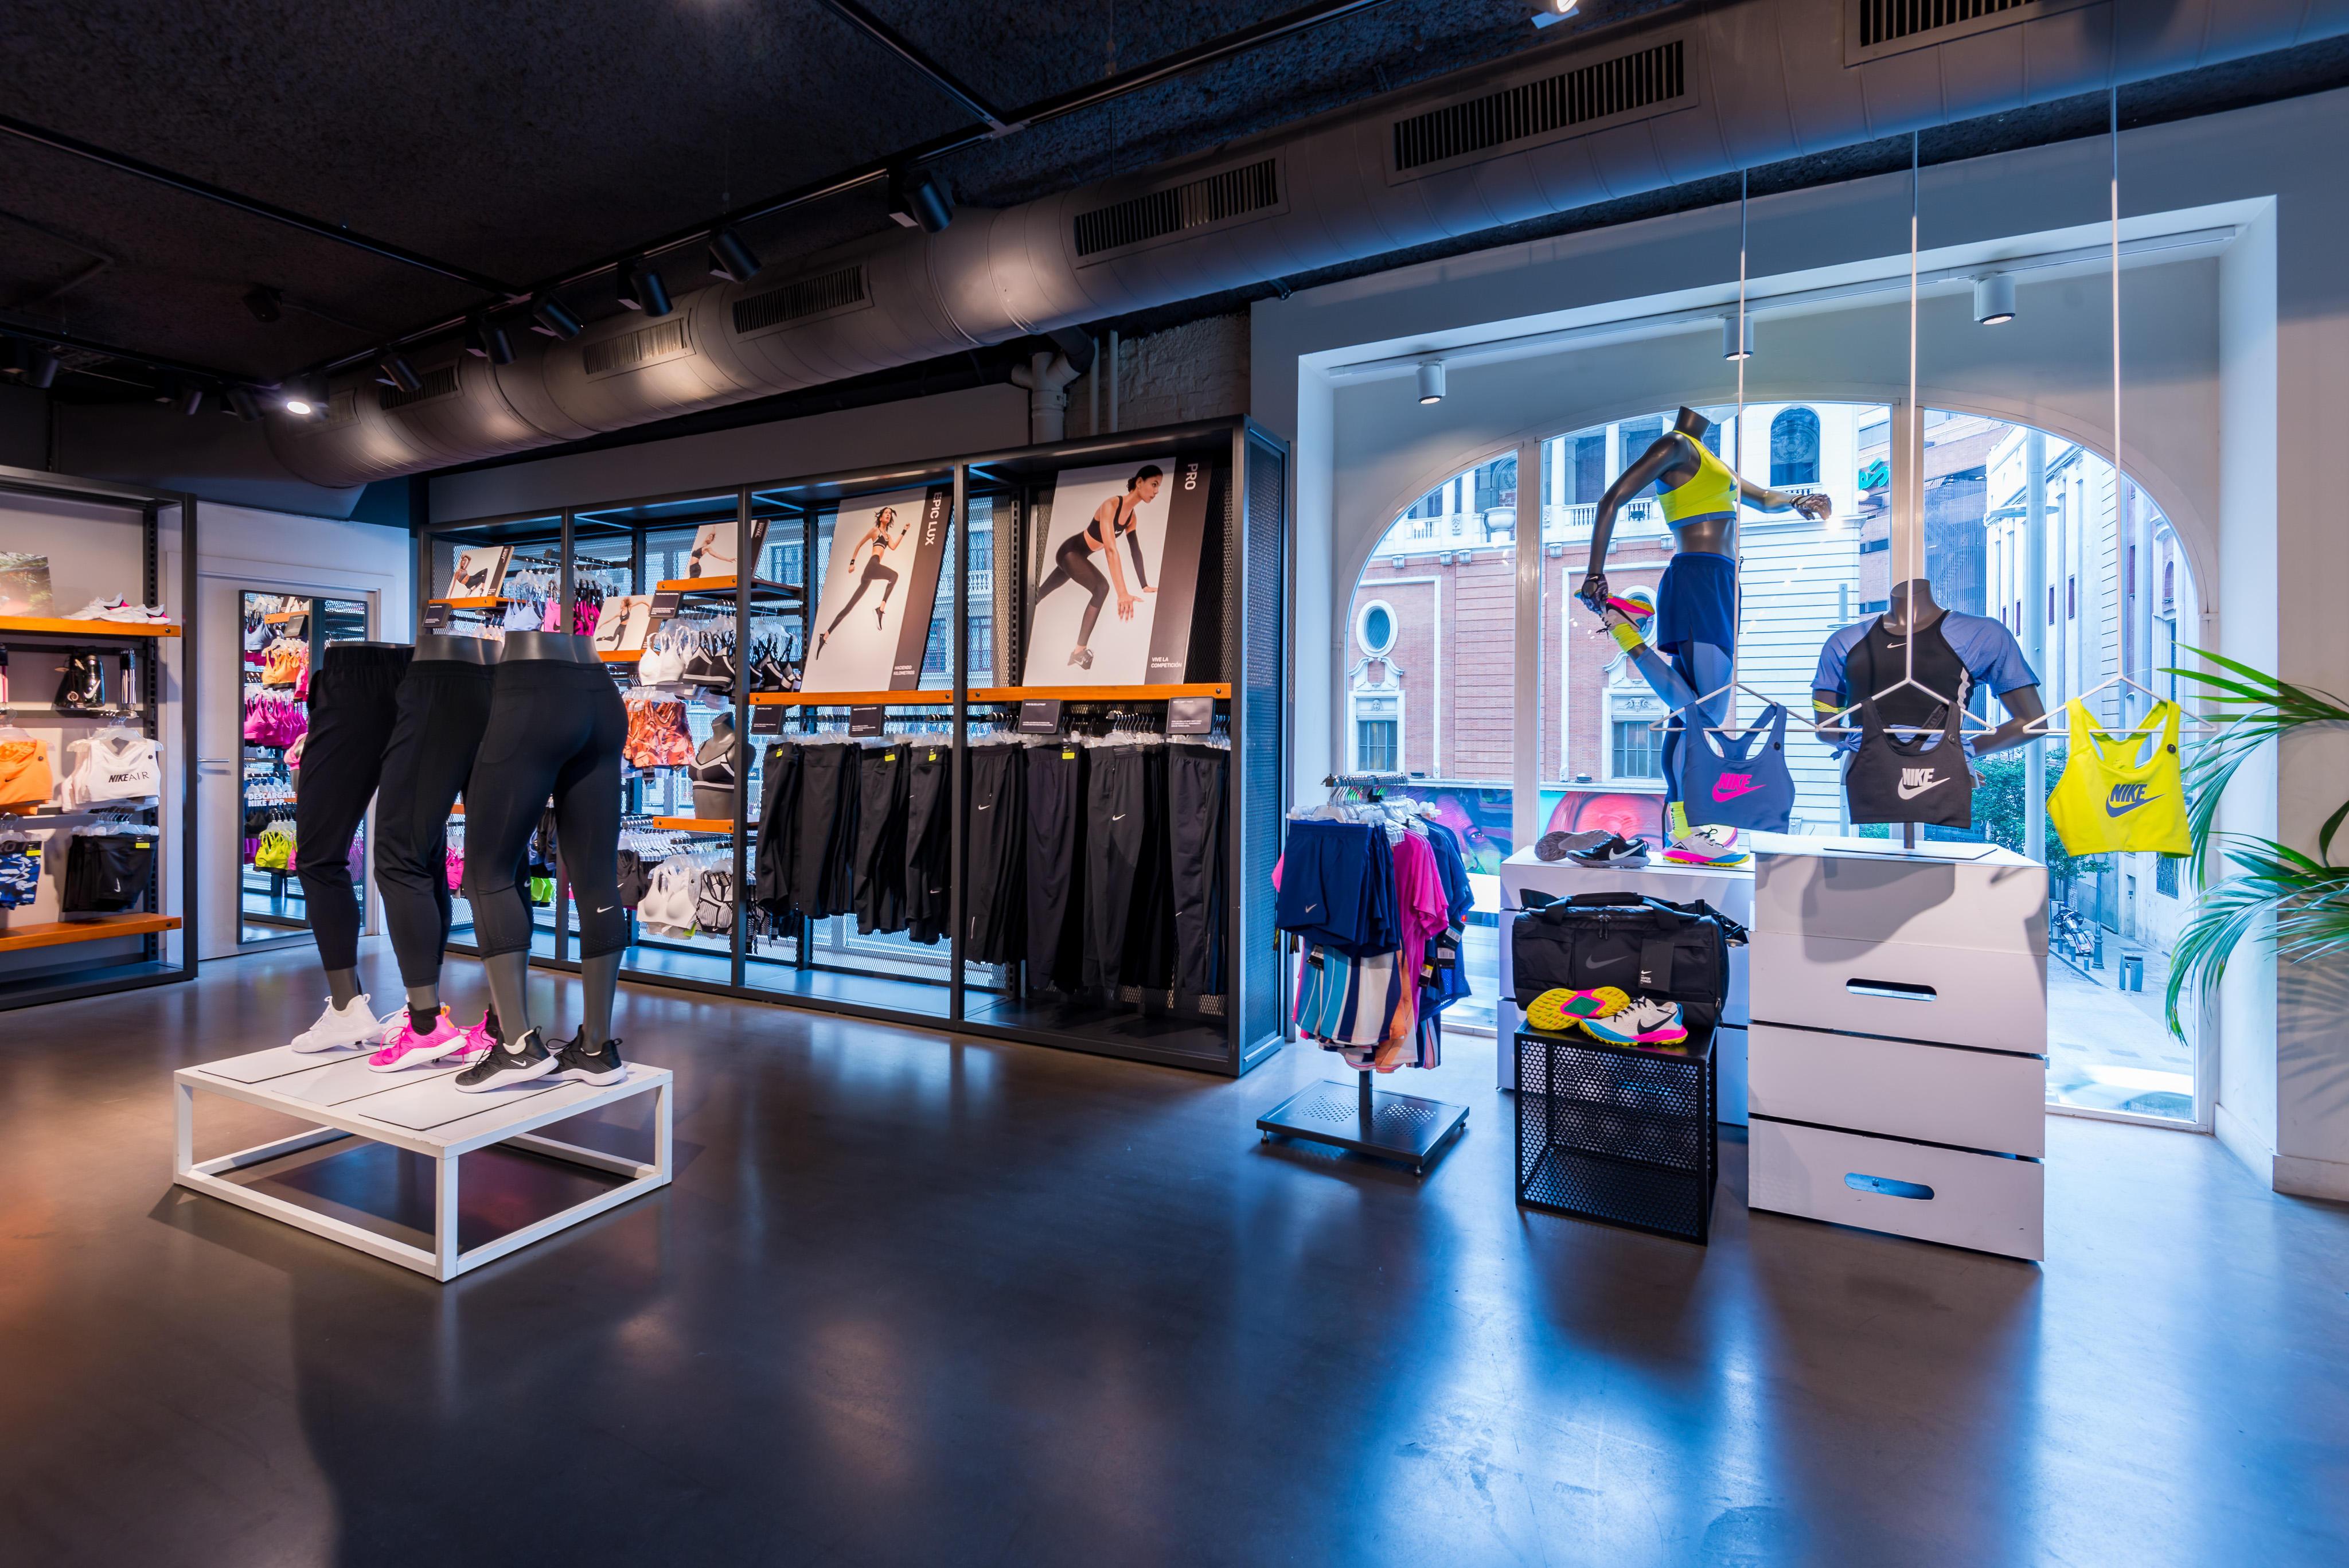 Vía Nike Store Gran Amarillas Via 38Deportes Madrid Páginas 7IYygvbf6